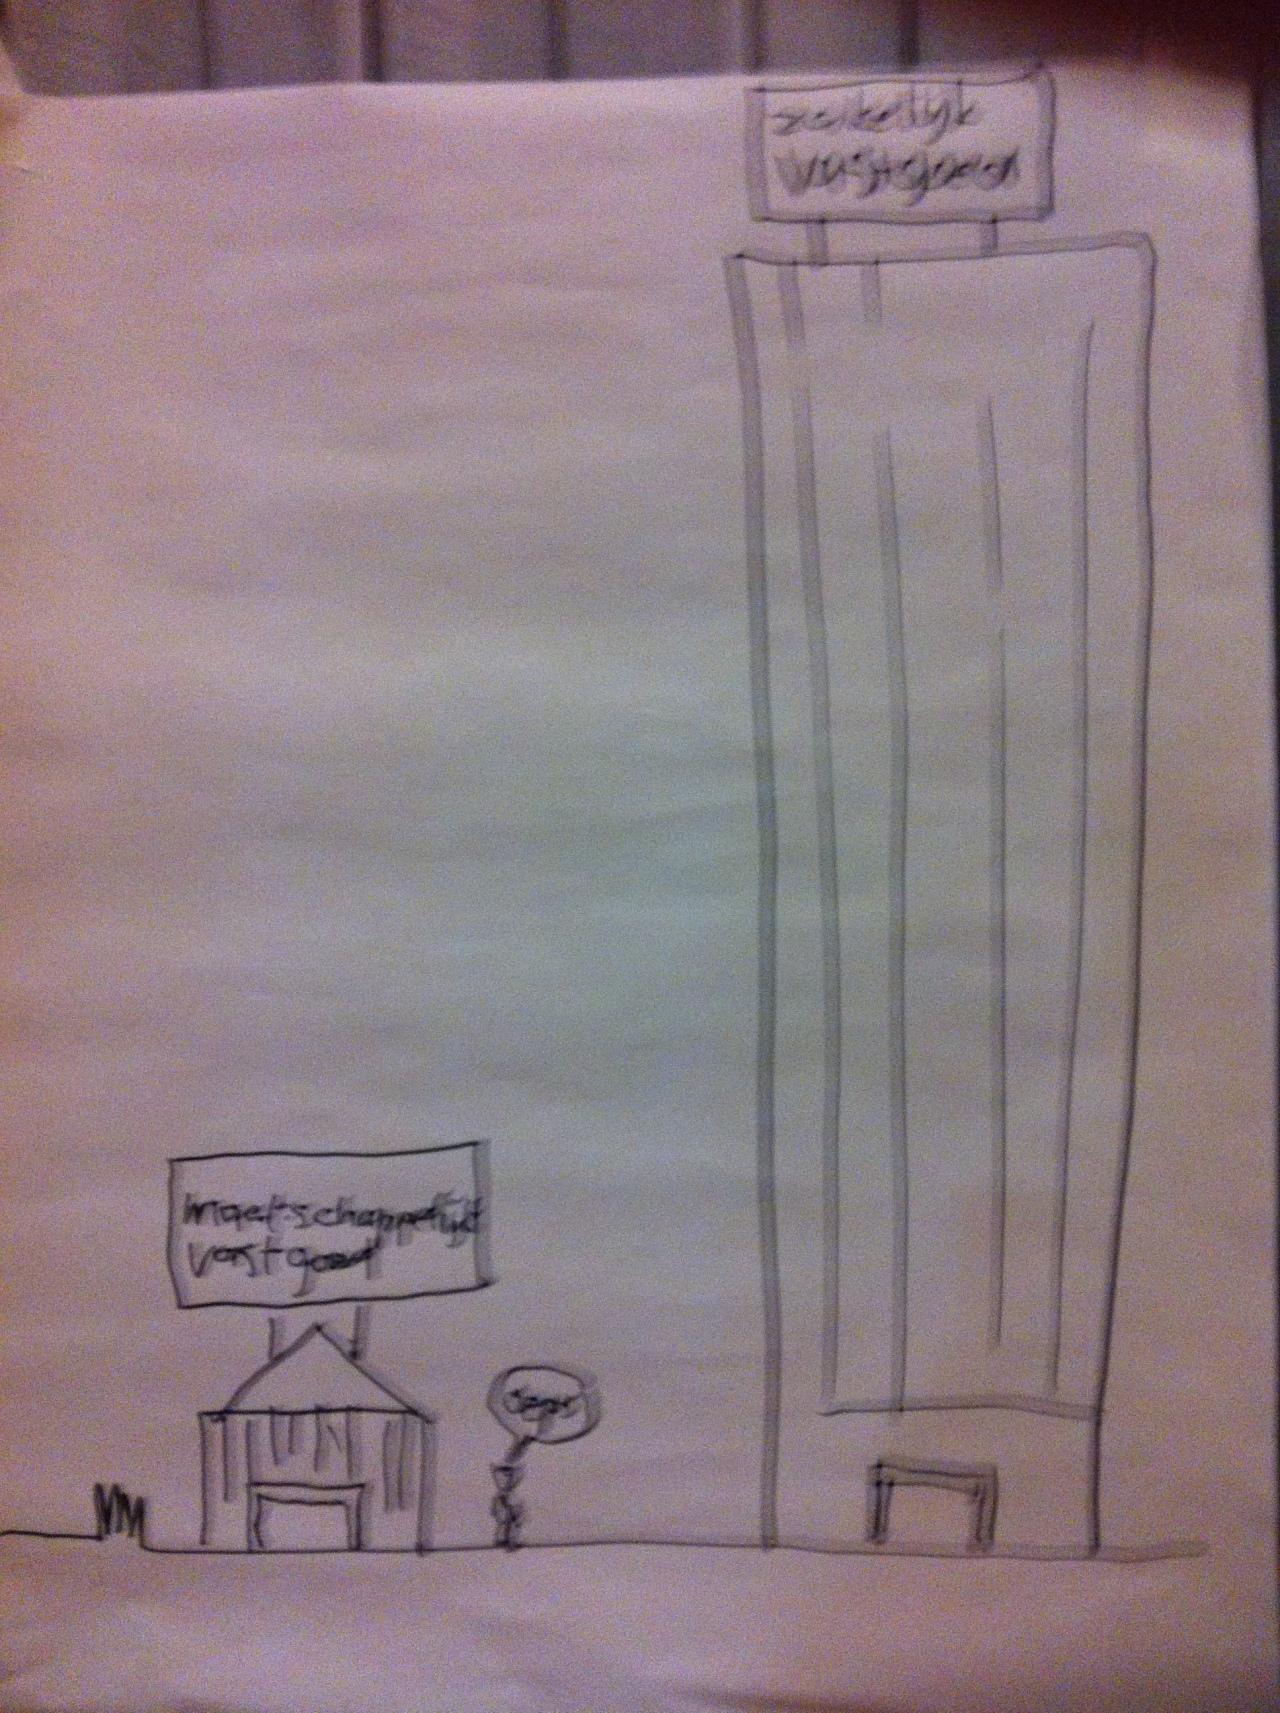 Maatschappelijk vastgoed.